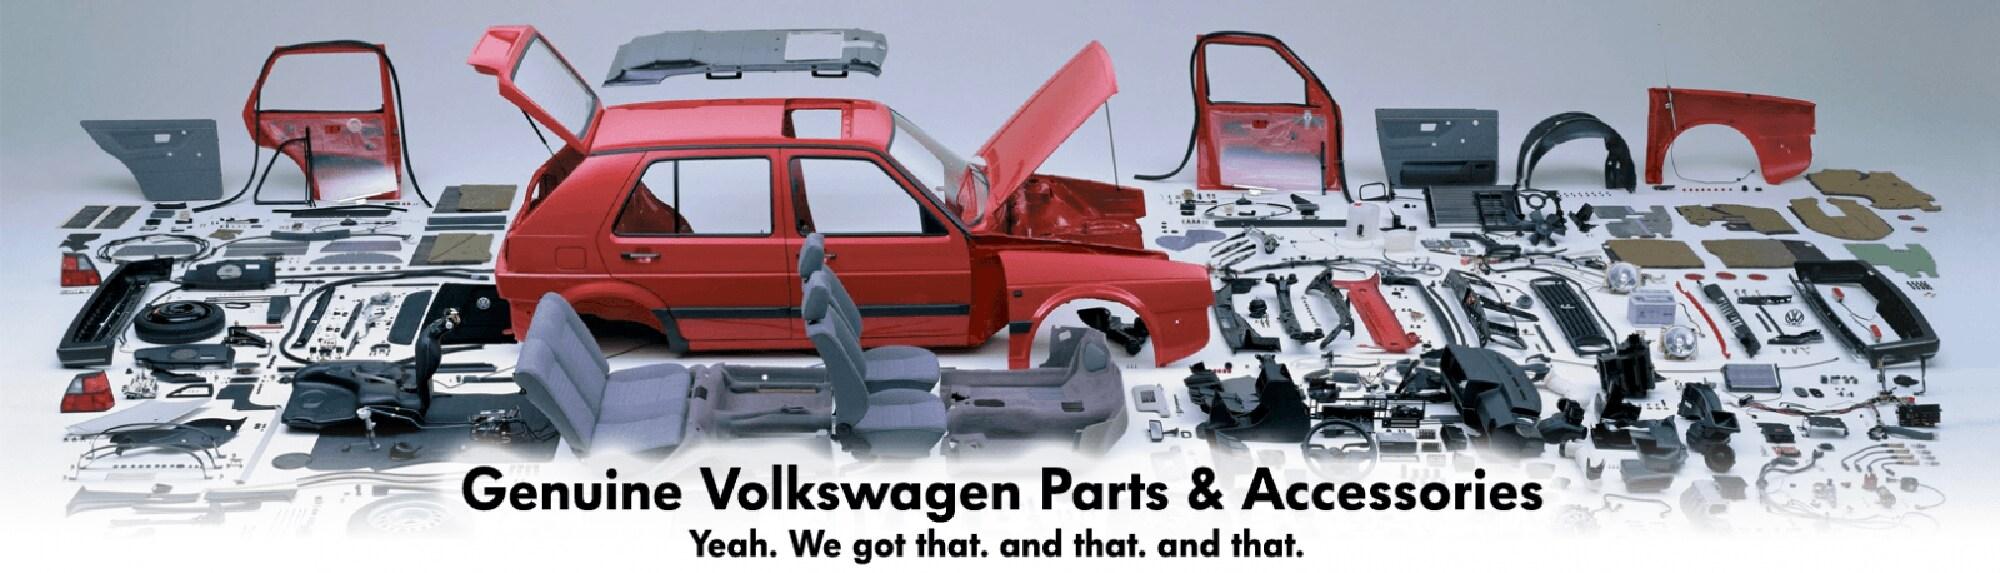 Boast Volkswagen Car Parts In Bradenton Florida Vw